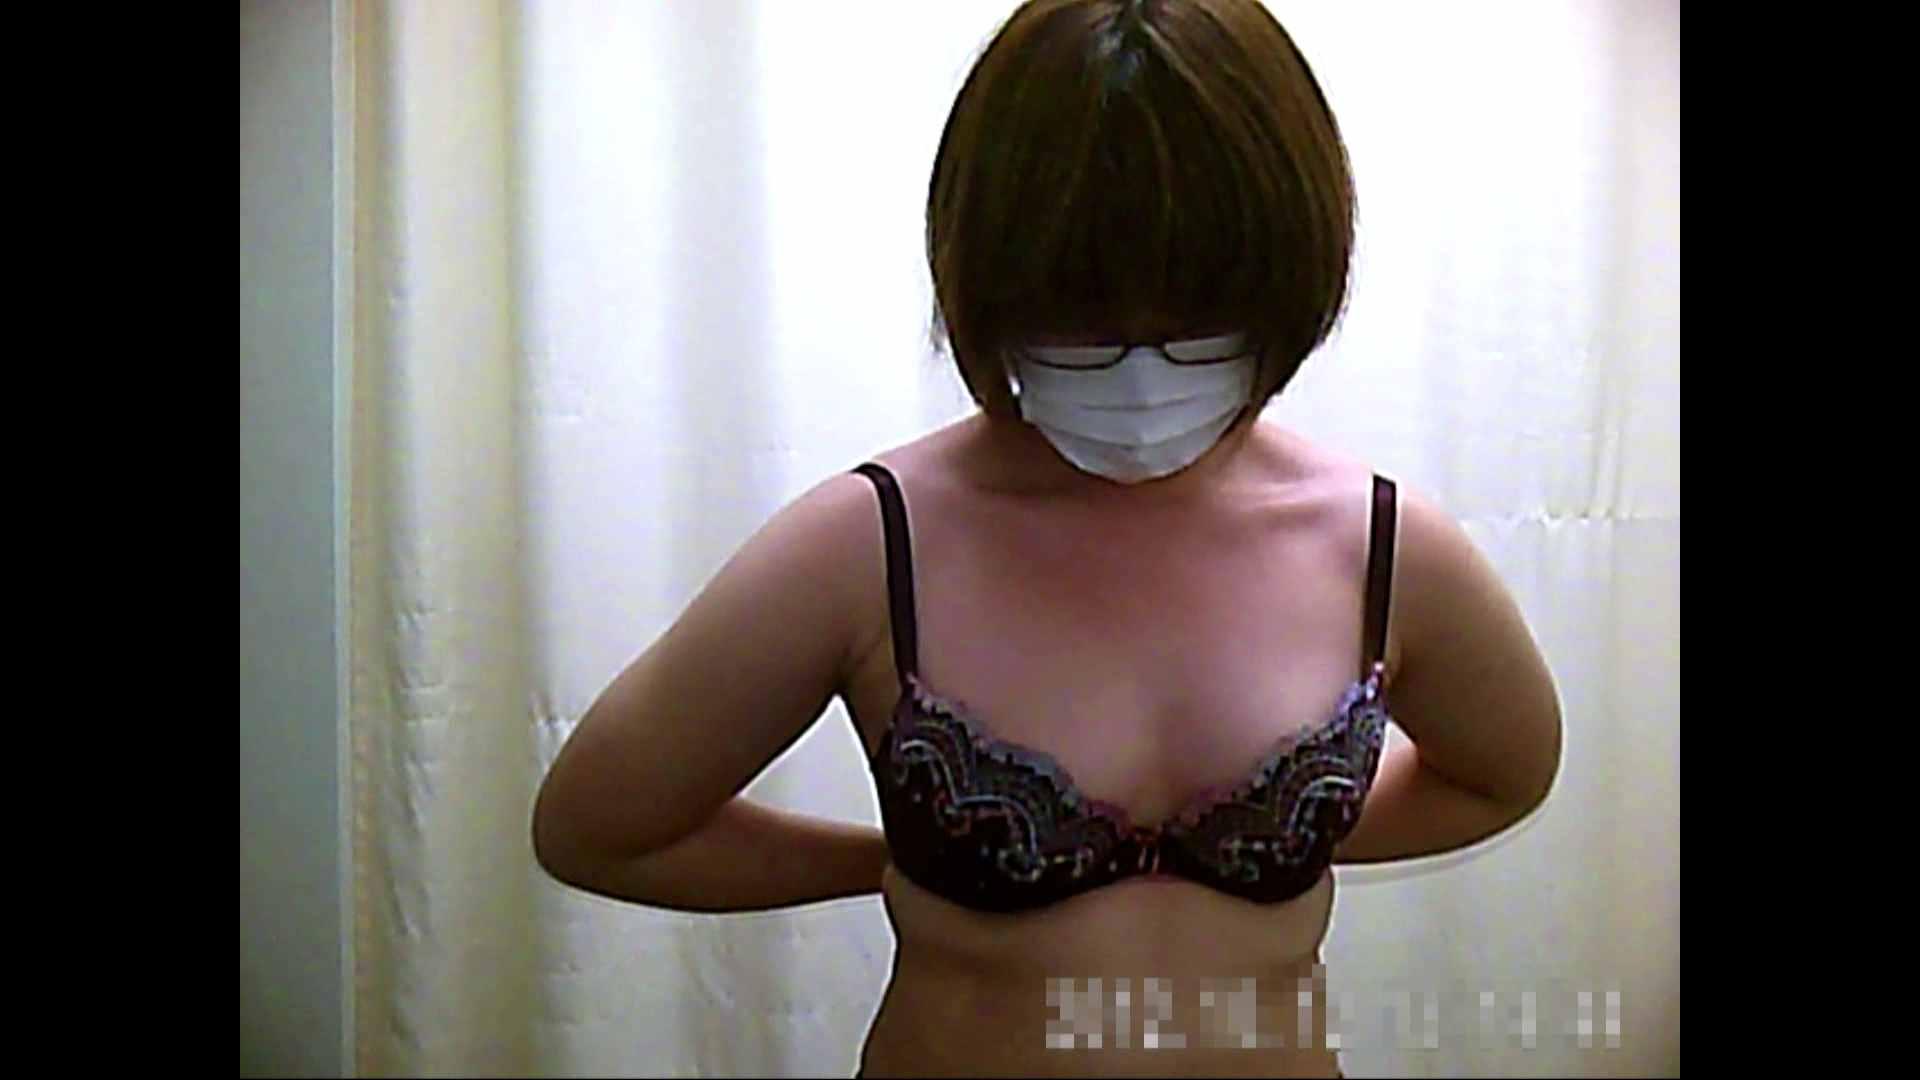 元医者による反抗 更衣室地獄絵巻 vol.061 OLハメ撮り  91Pix 72